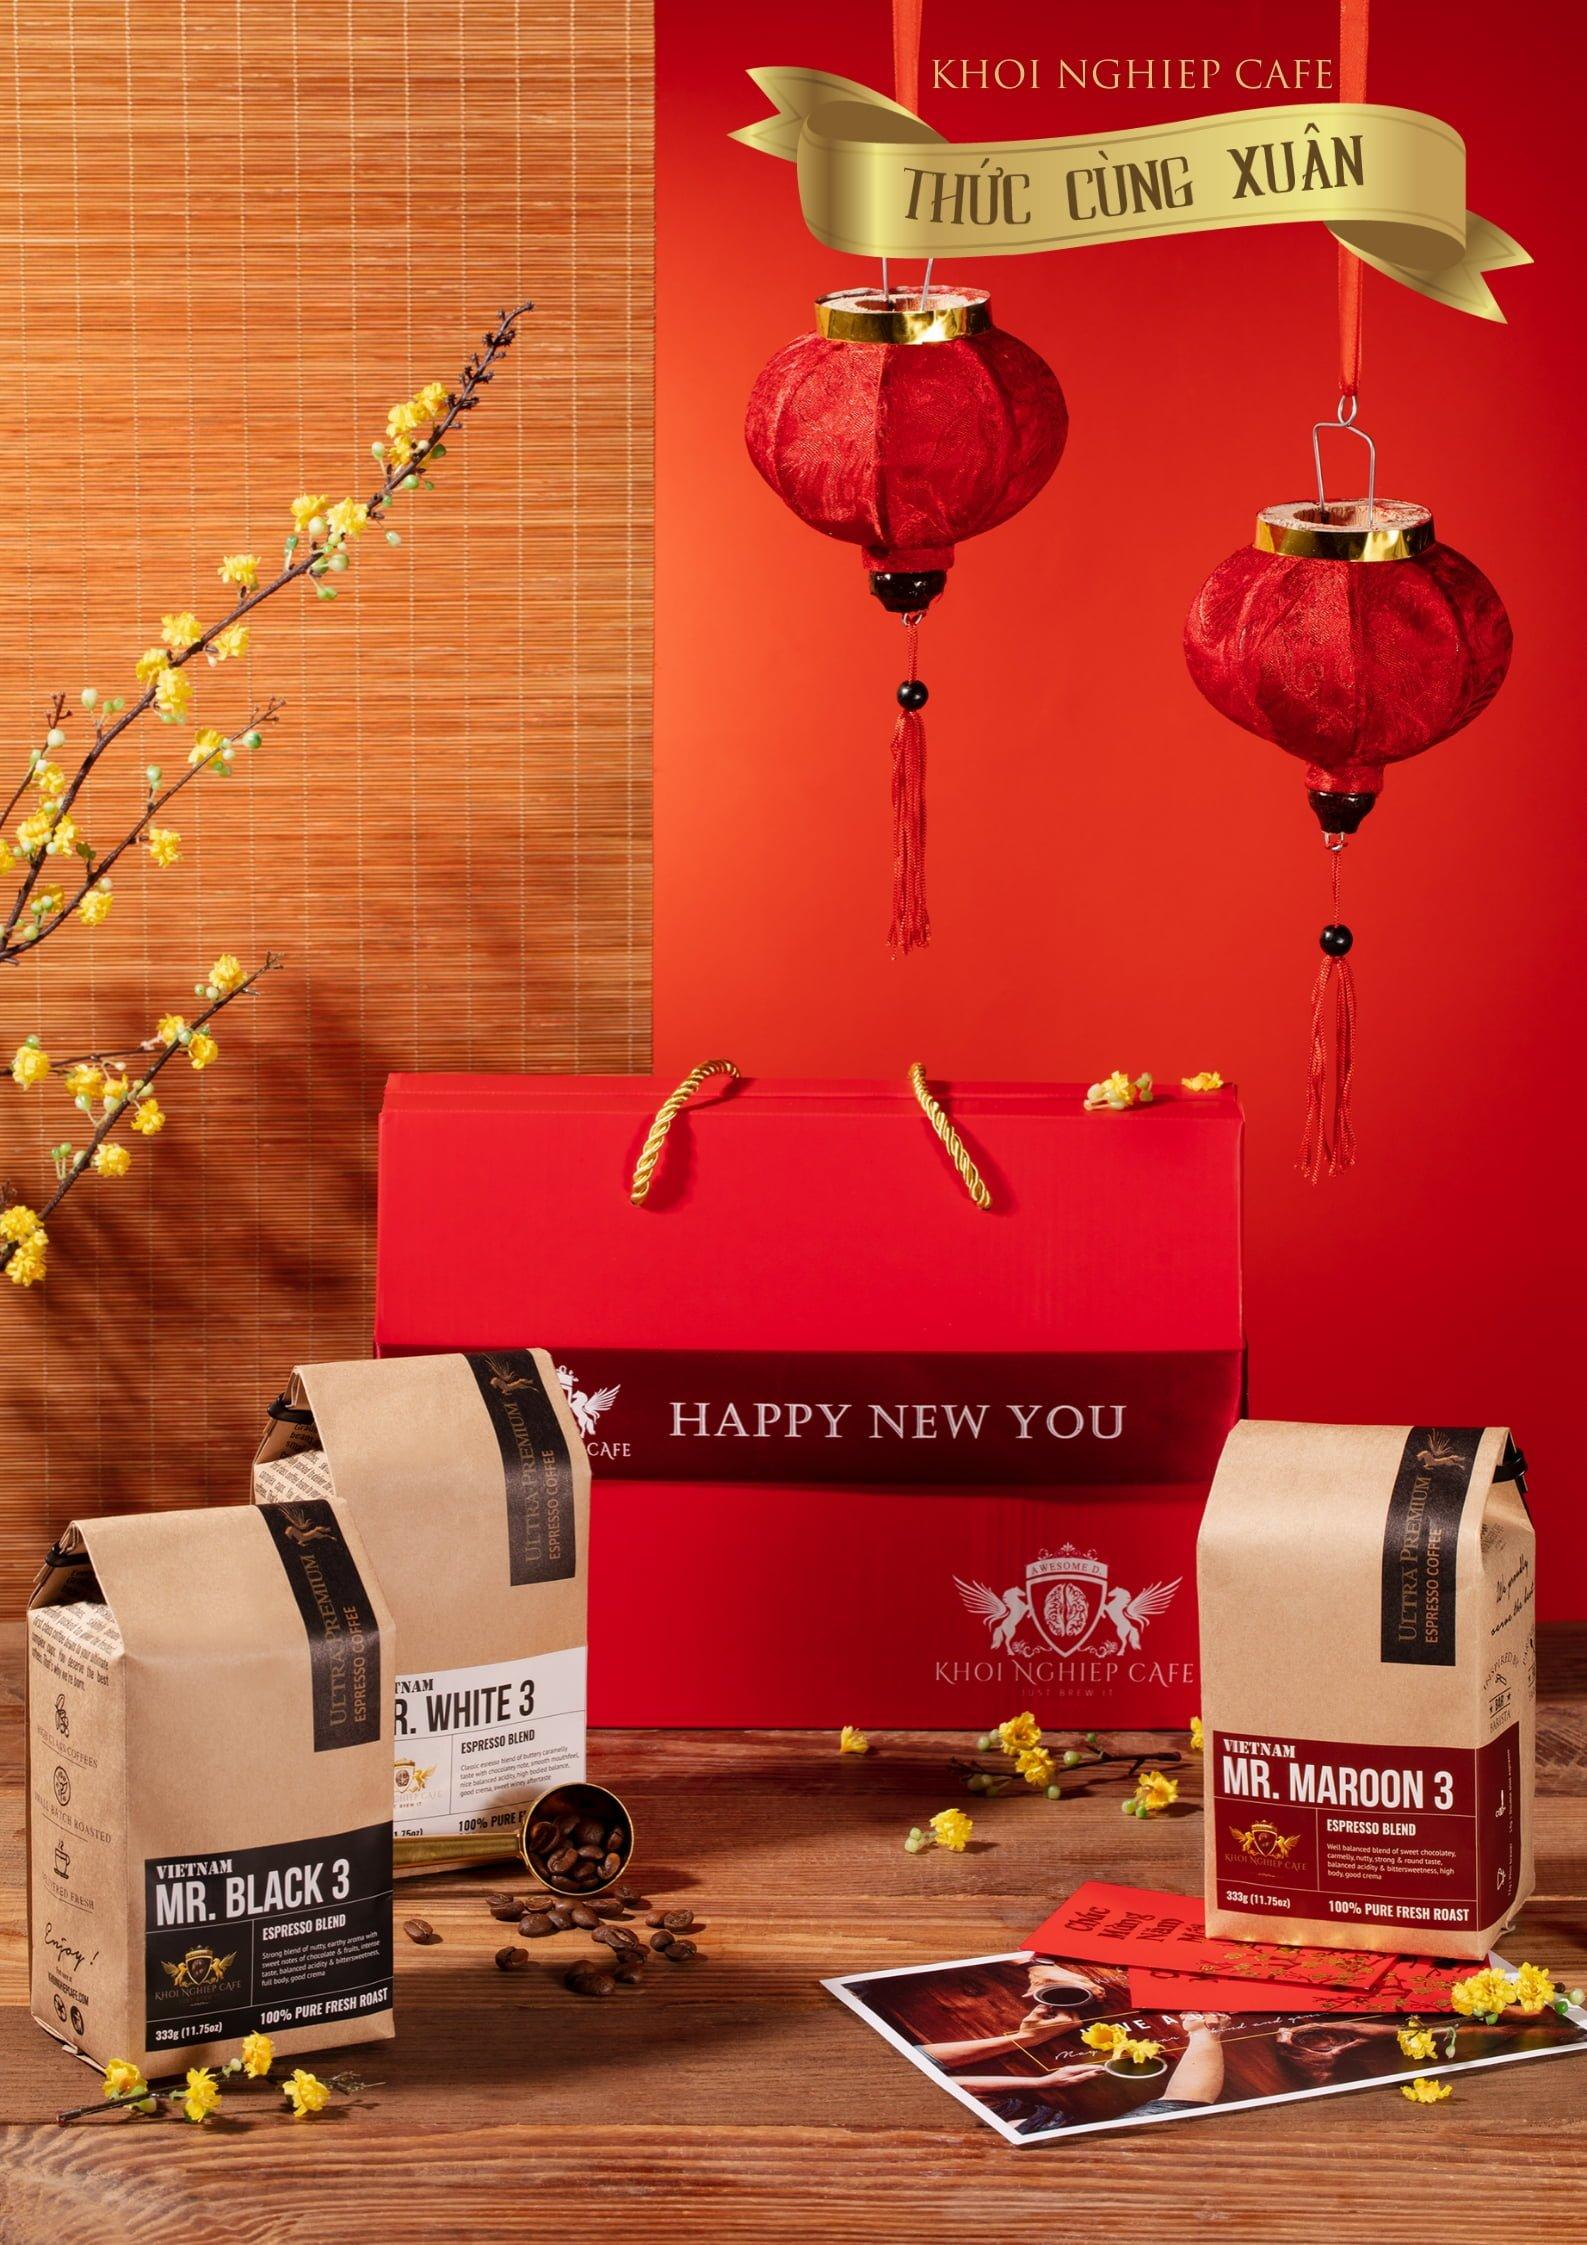 Hop qua tang cafe cao cap Gift Trio 3 1kg 3 goi khoi nghiep cafe